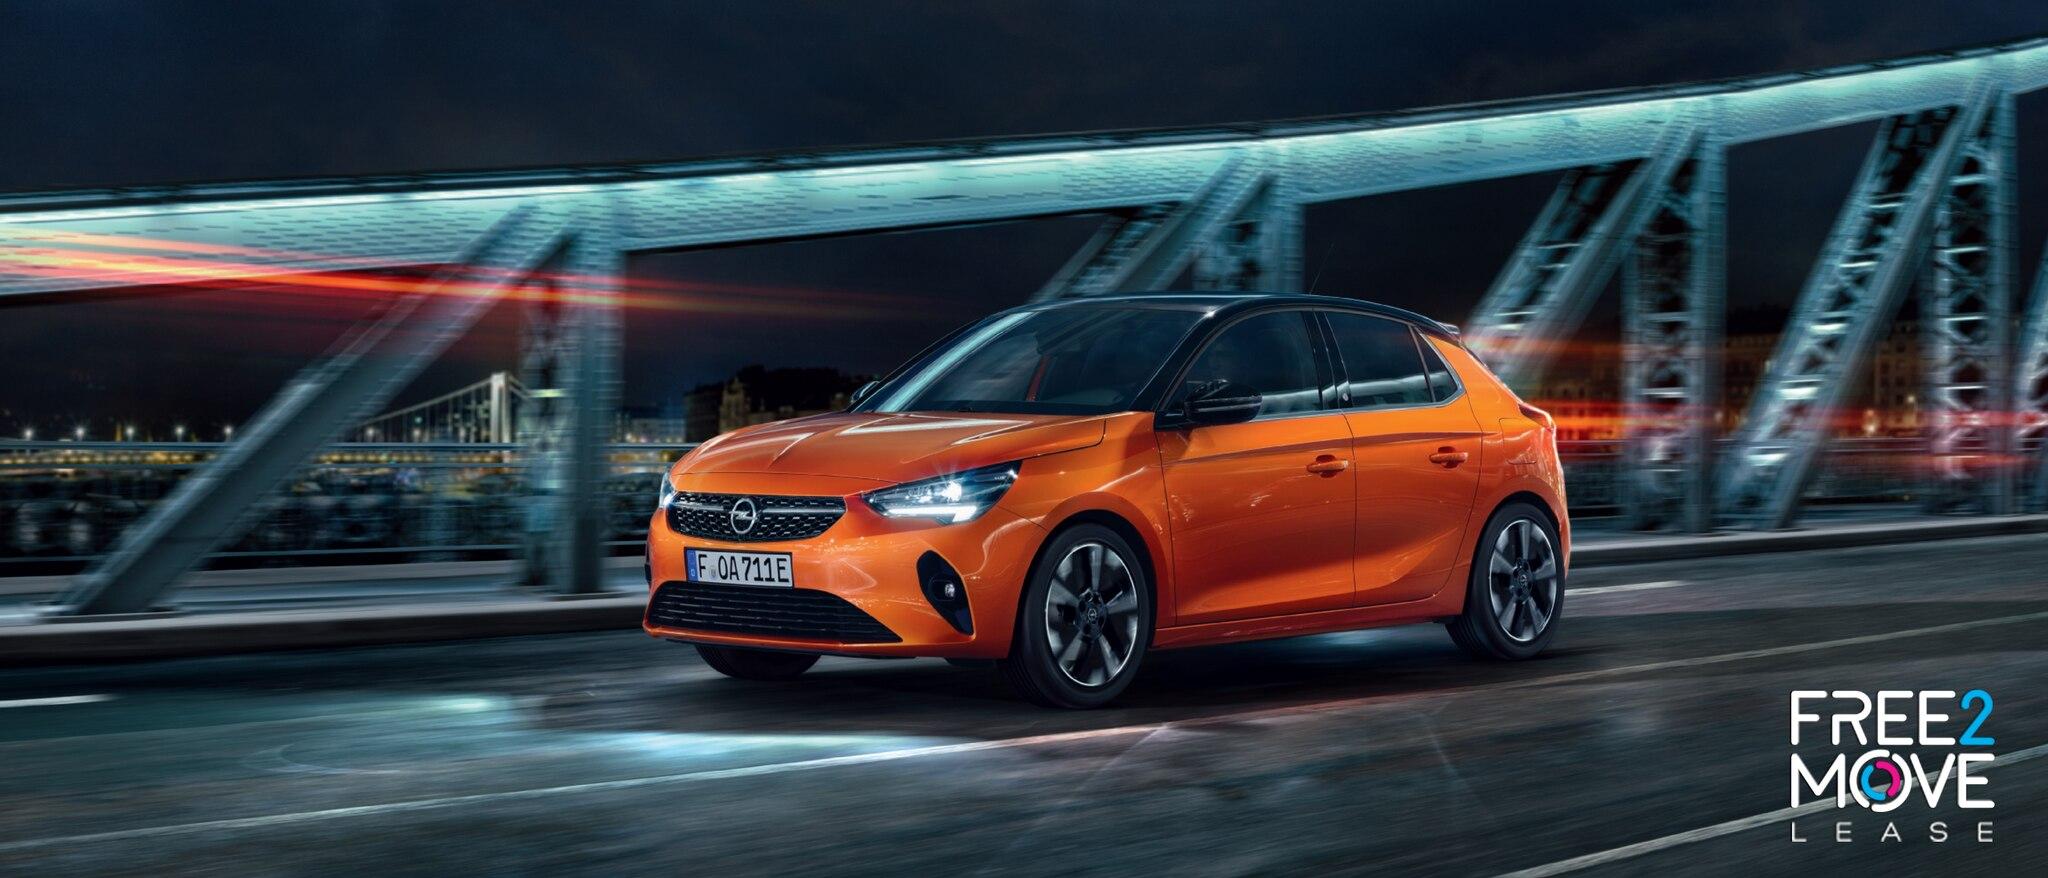 Nuova Opel Corsa Auto dell'anno 2020